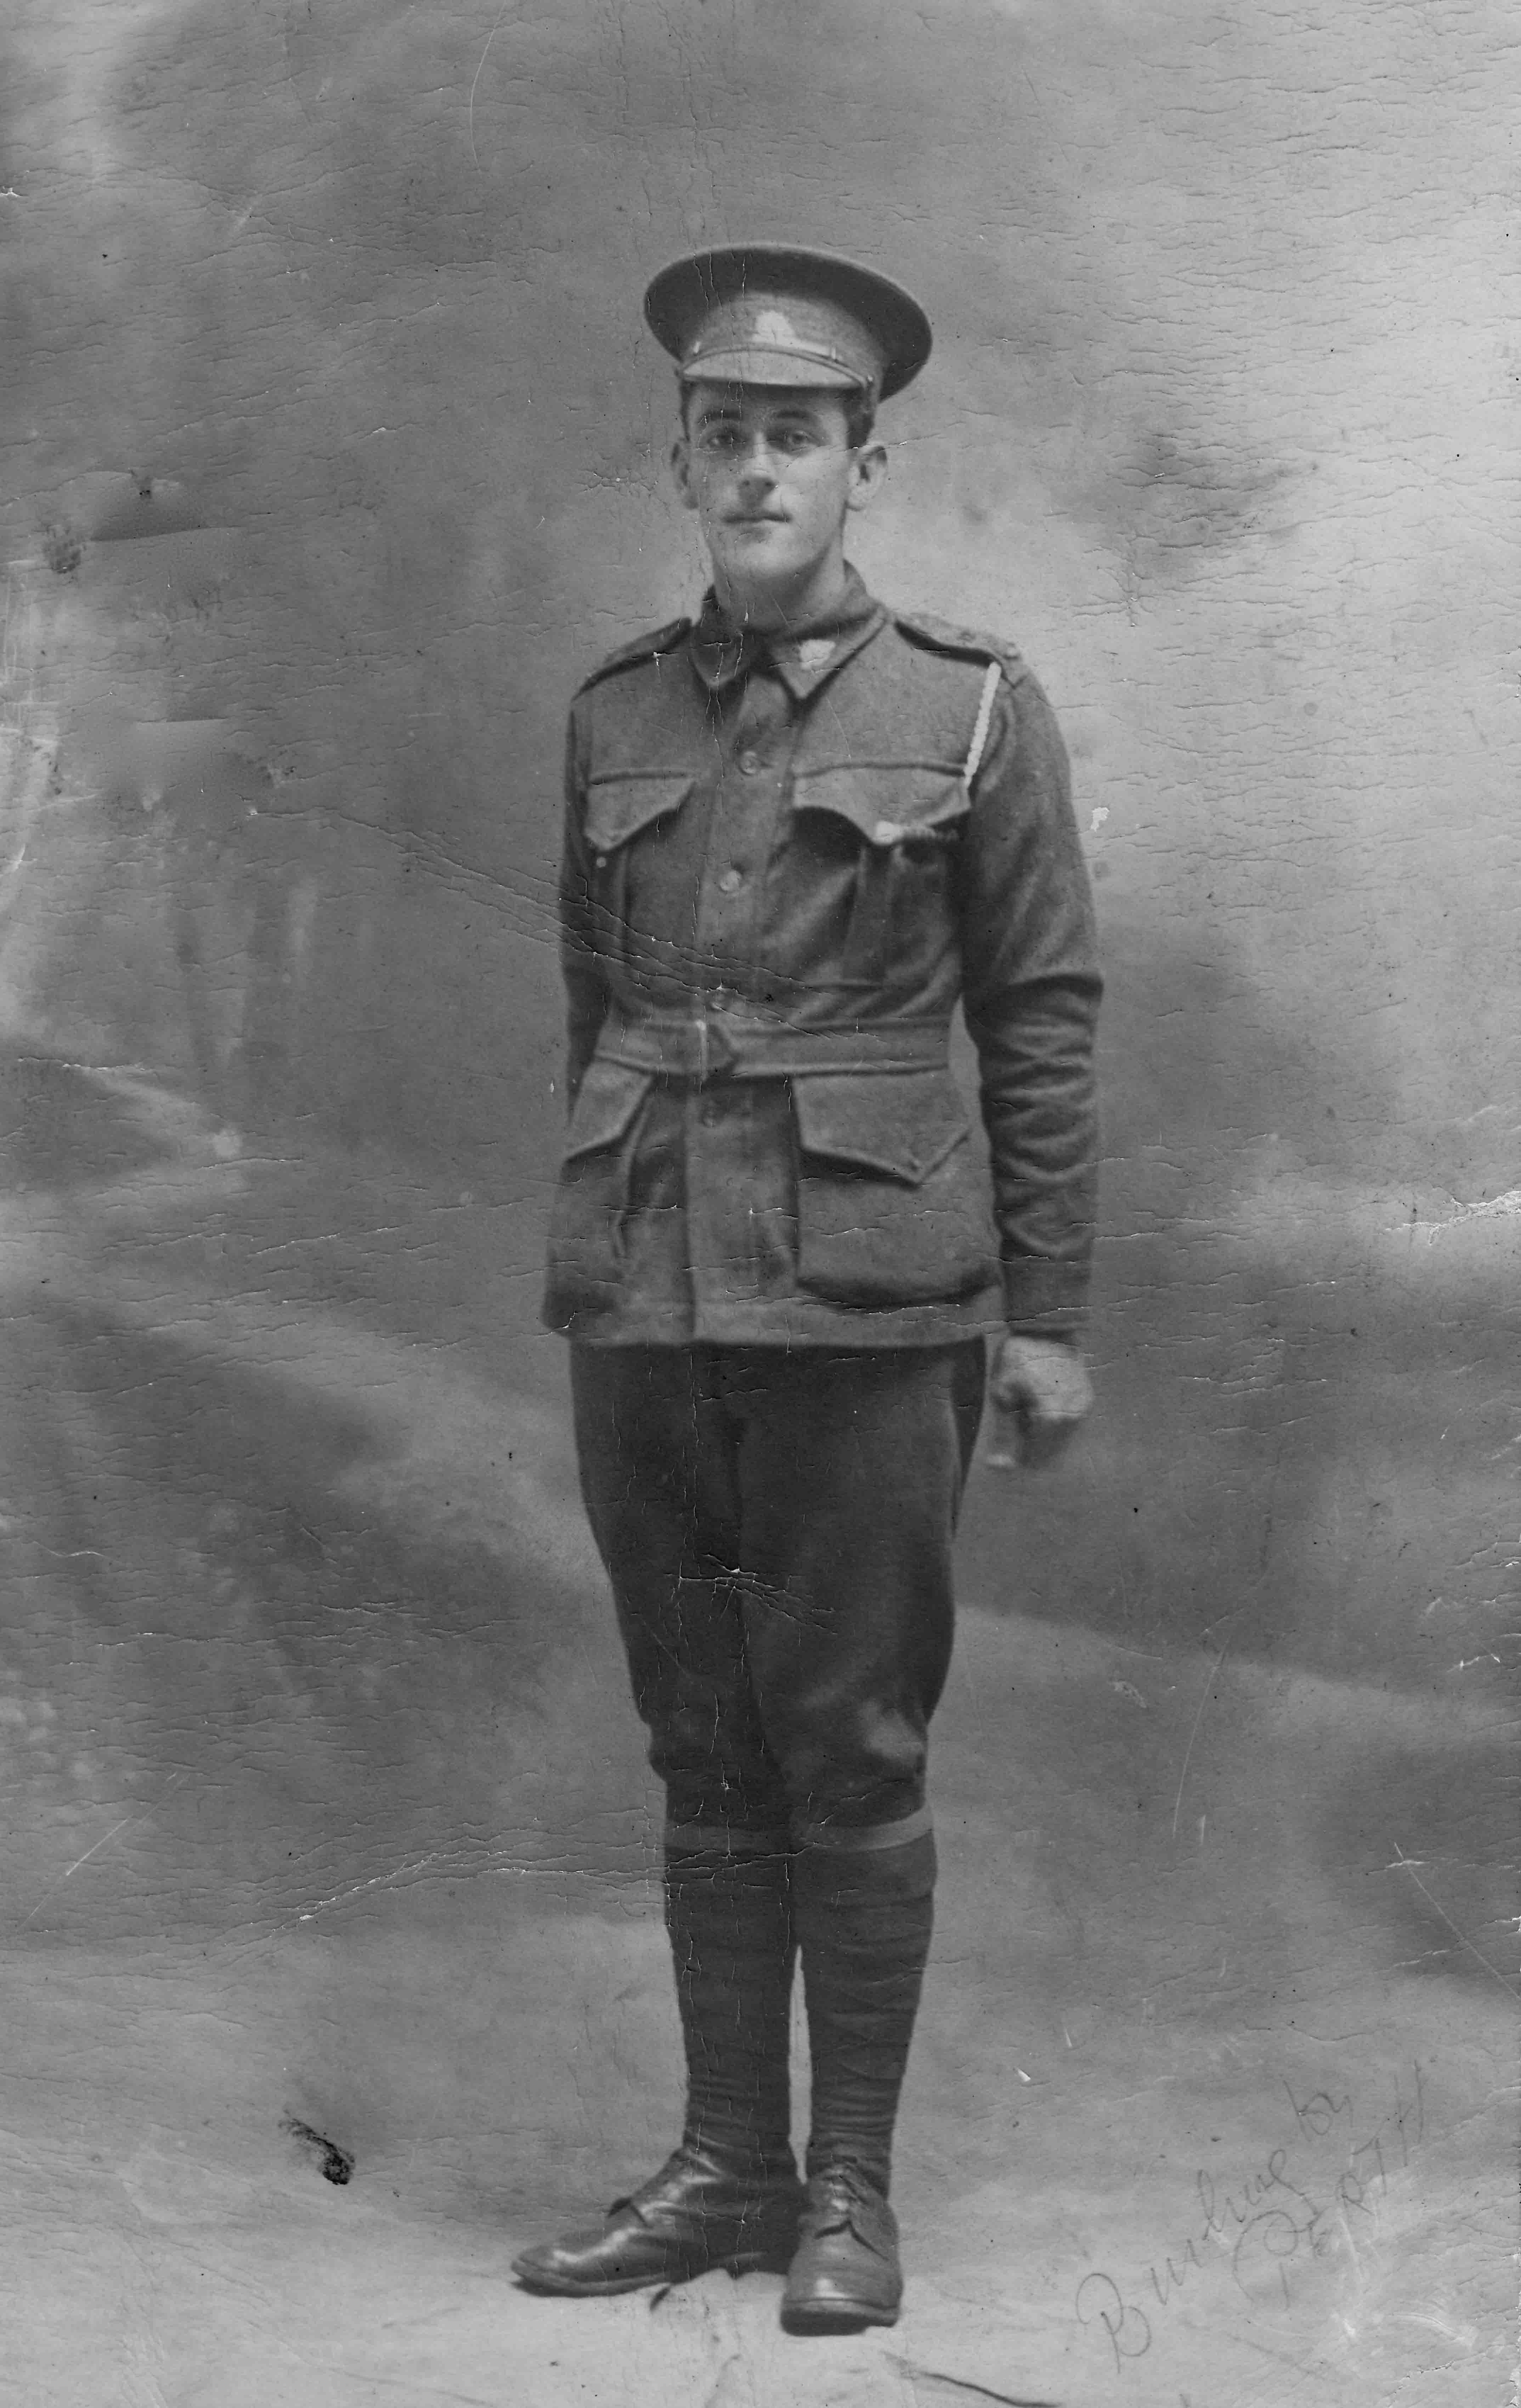 66. Rupert Hale, c 1915